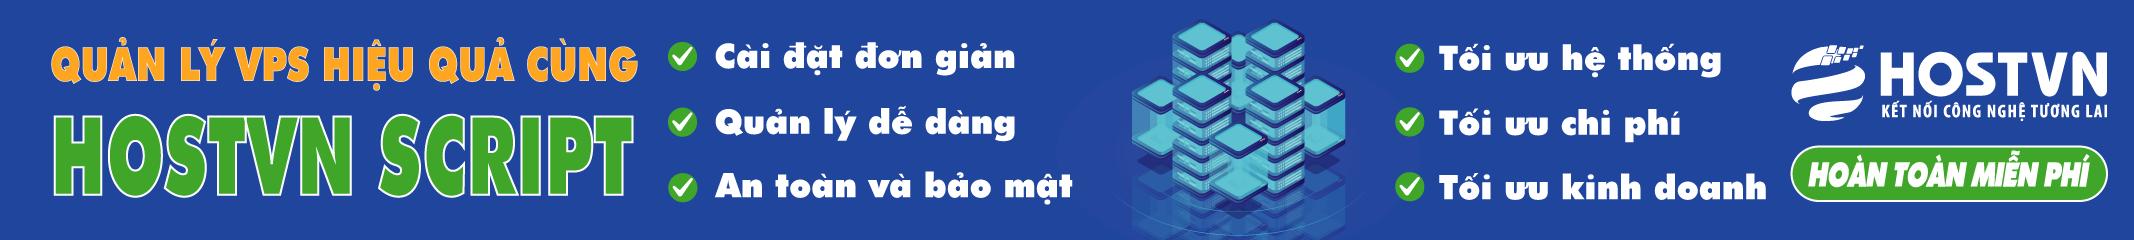 HOSTVN Scripts - Quản lý, tối ưu VPS hoàn toàn miễn phí